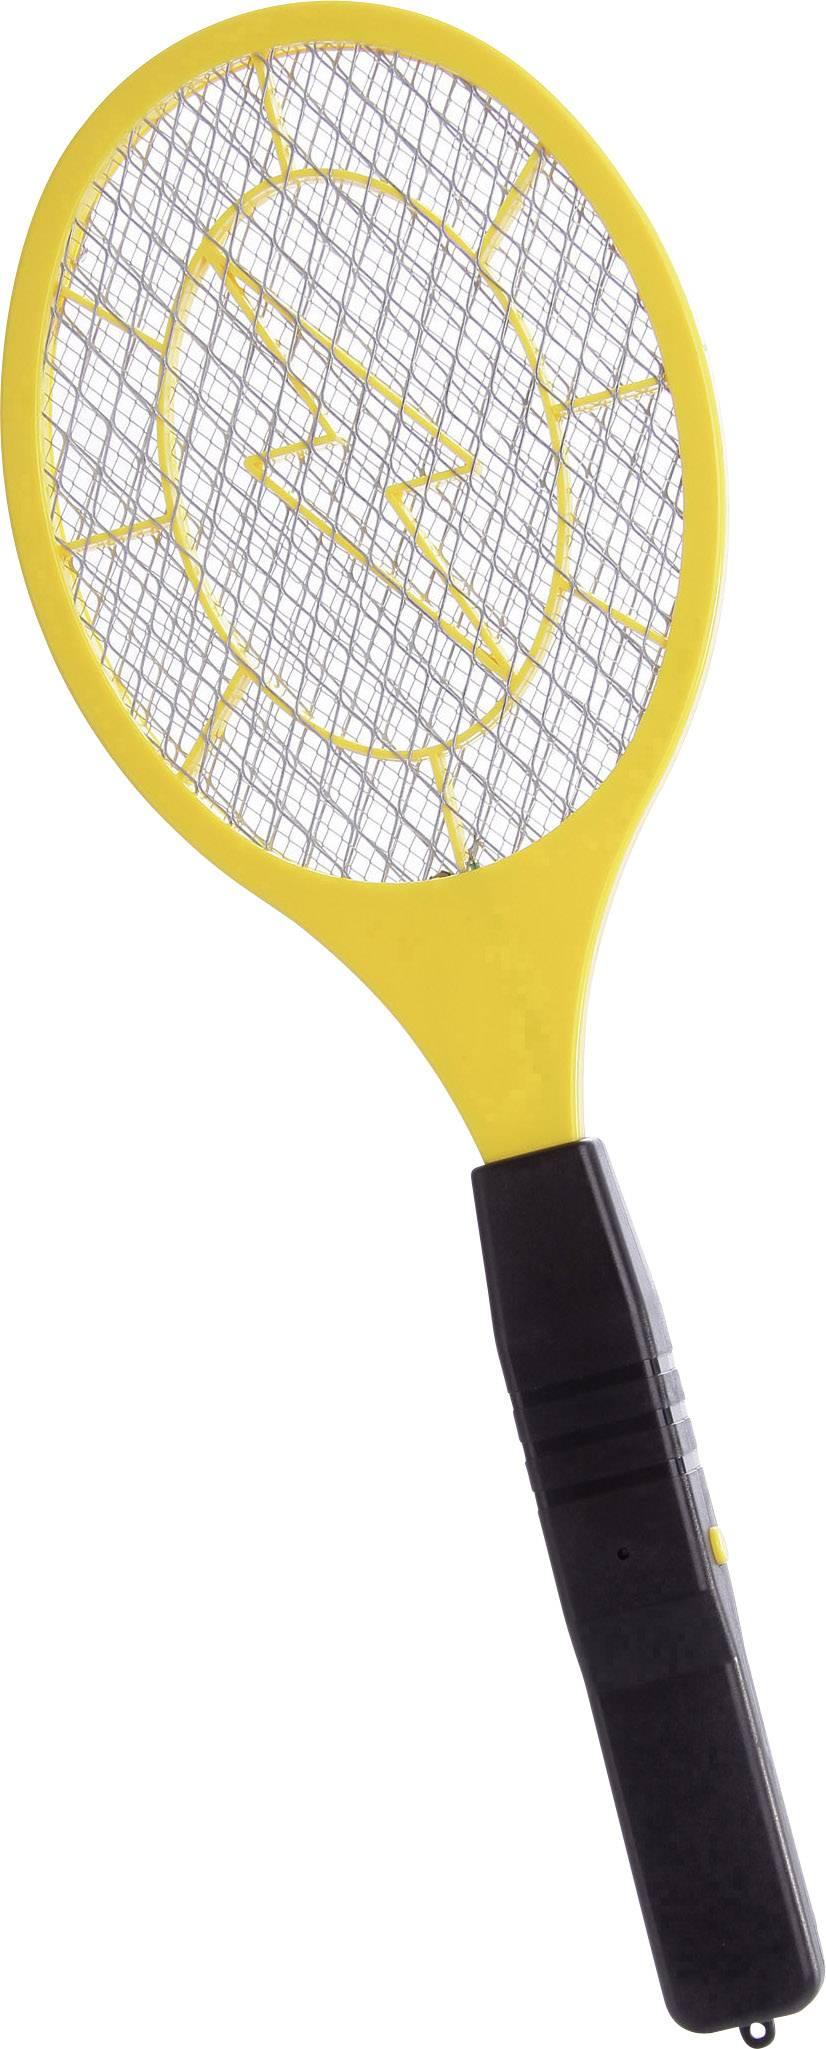 Elektrická plácačka na hmyz Basetech eSwatter, žlutočerná, 1 ks